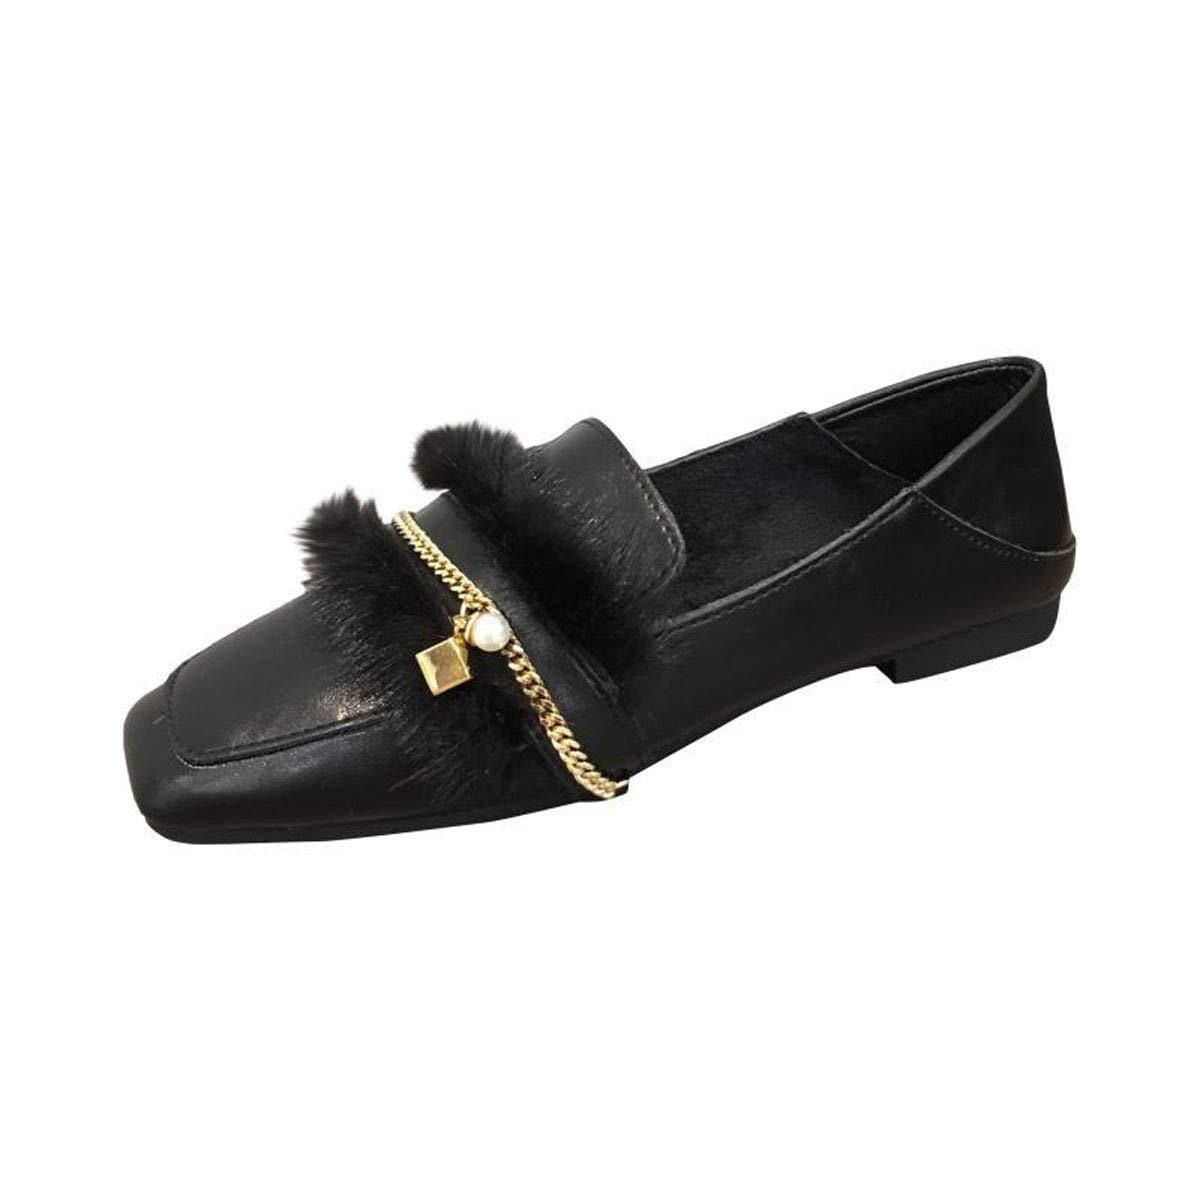 HBDLH Damenschuhe/EIN Pedal Herbst Am Kopf Flache Schuhe Metall - Kette Pearl Koreanischen Version Mode Schuhe